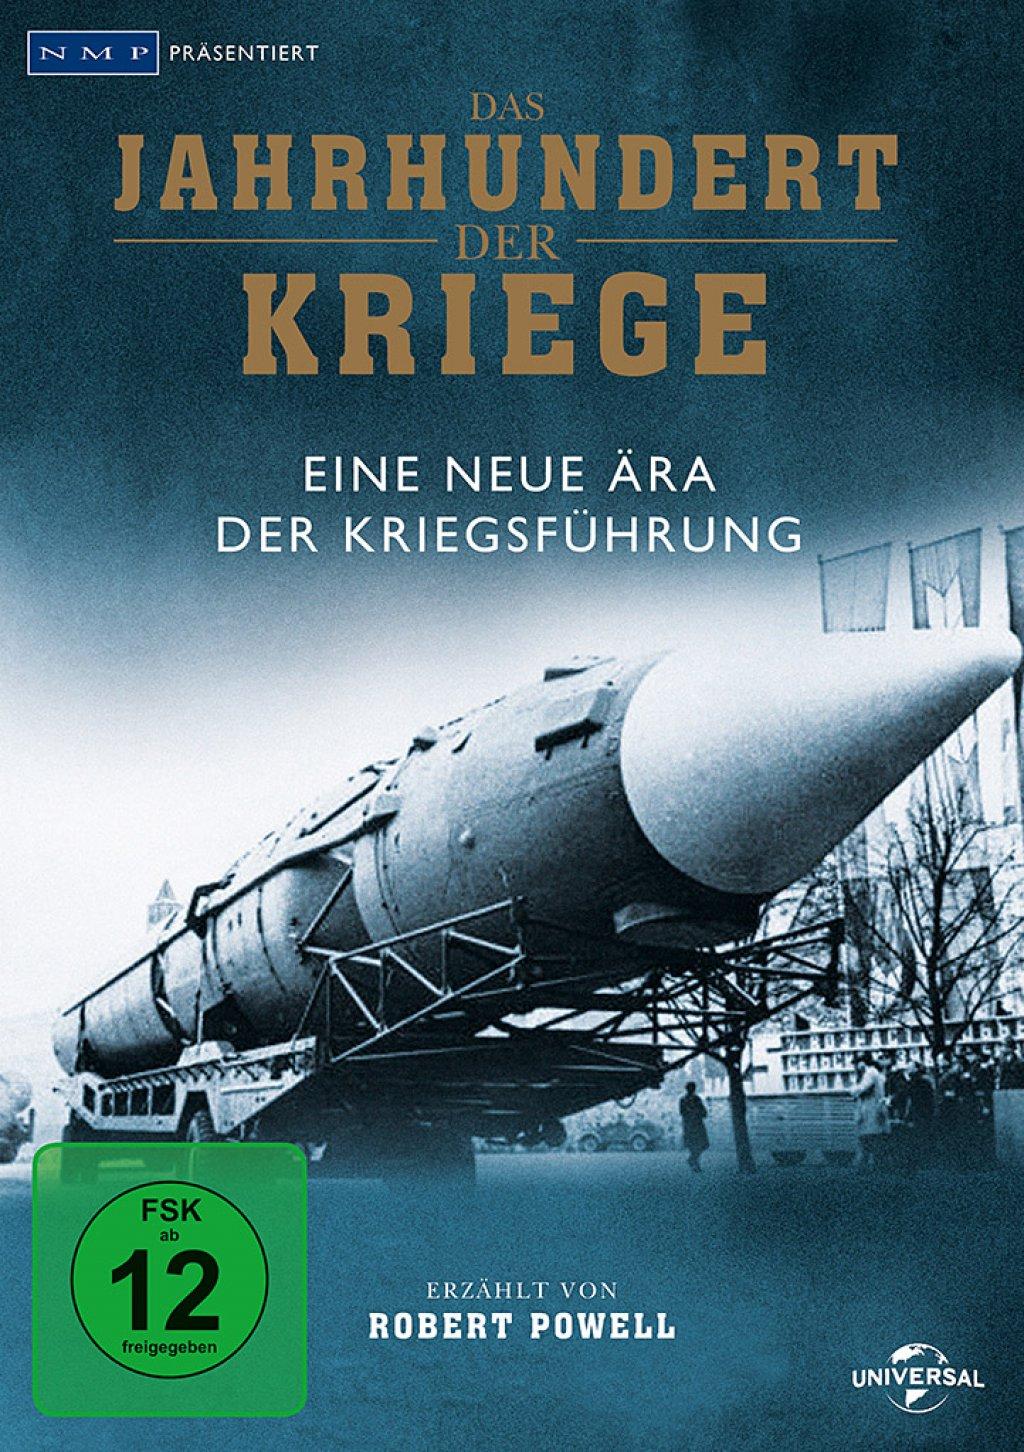 Das Jahrhundert der Kriege - Eine neue Ära der Kriegsführung - Vol. 06 (DVD)